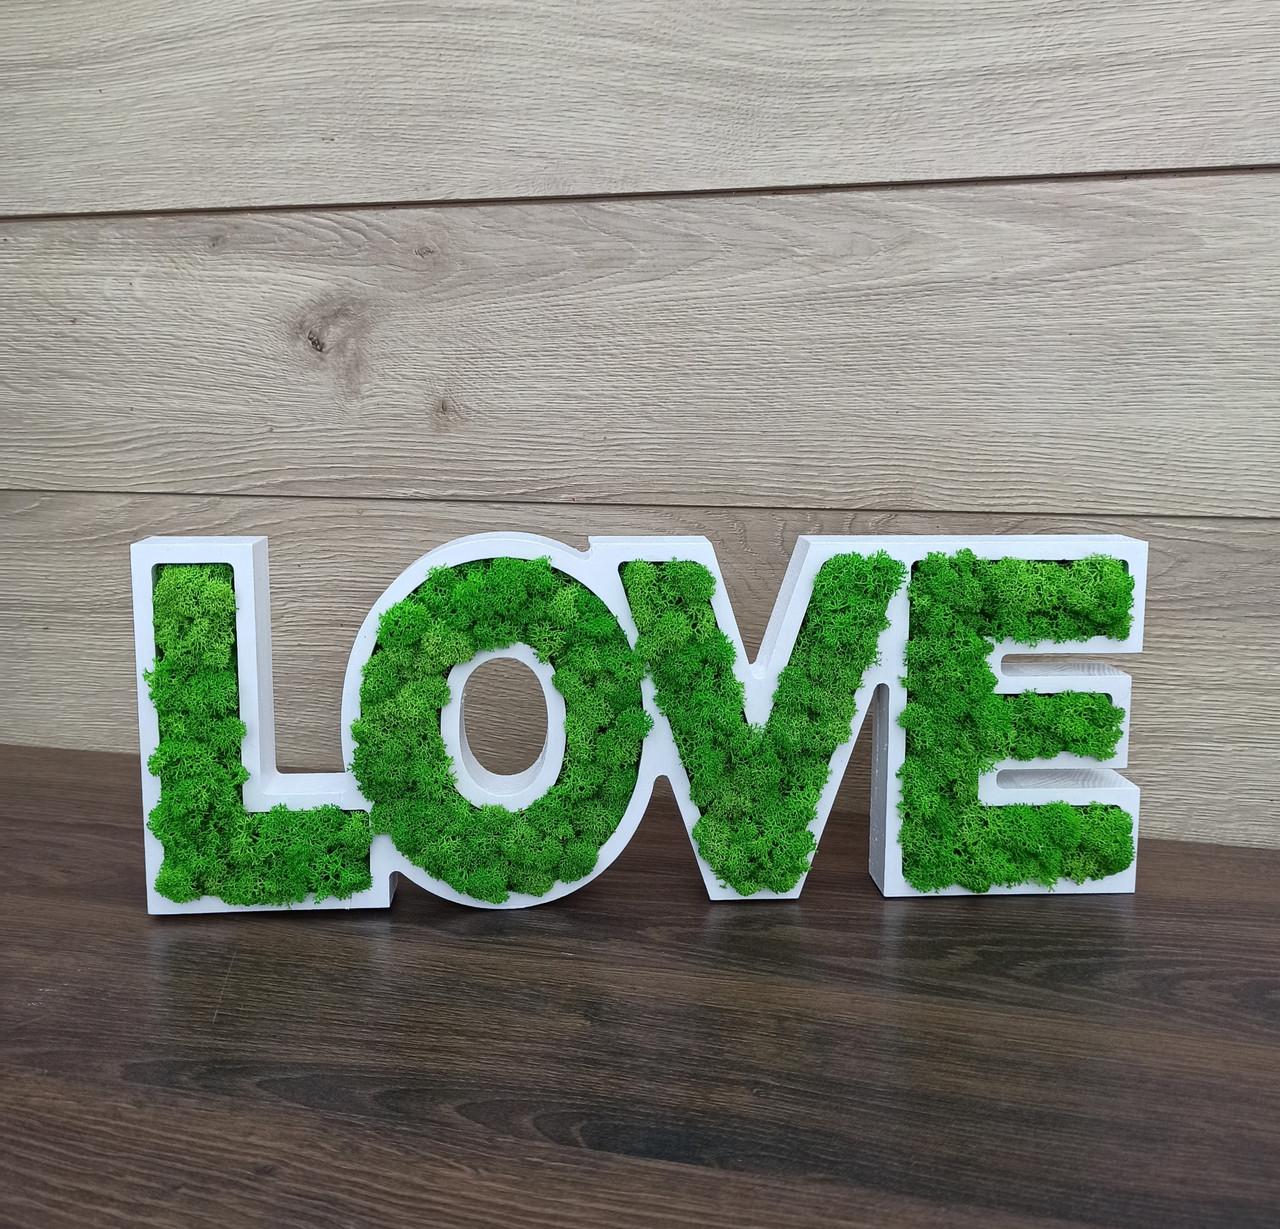 Слово любов ( лав, лове) з дерева та моху - Подарунок та декор до дня святого Валентина, весілля